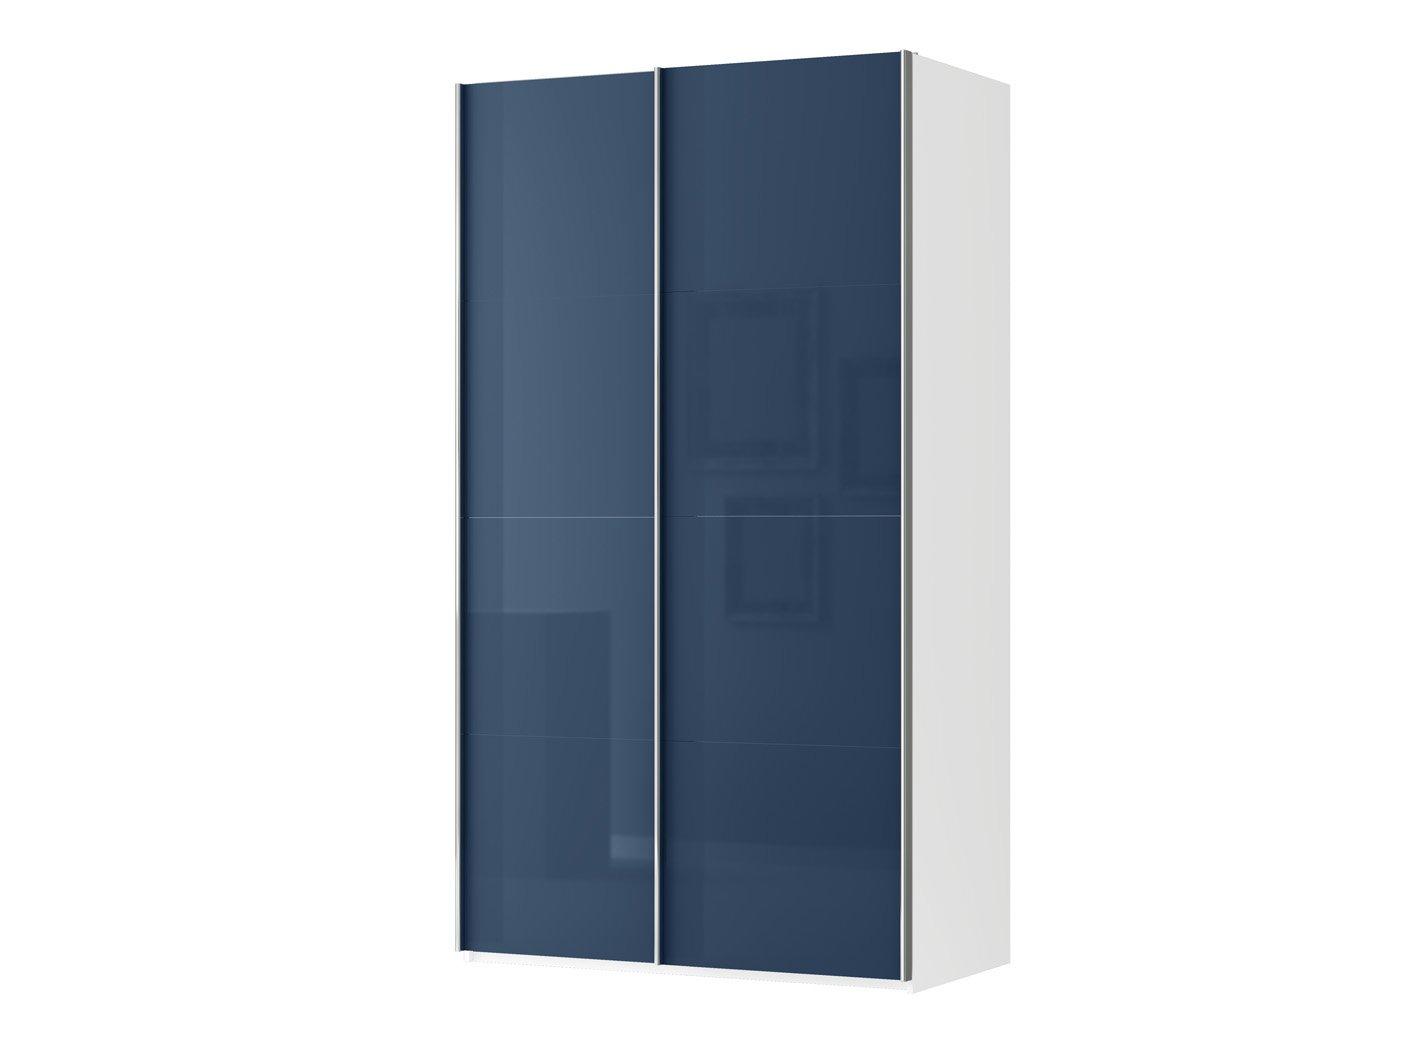 Ziemlich Wellemöbel Lenja Ideen - Die Designideen für Badezimmer ...